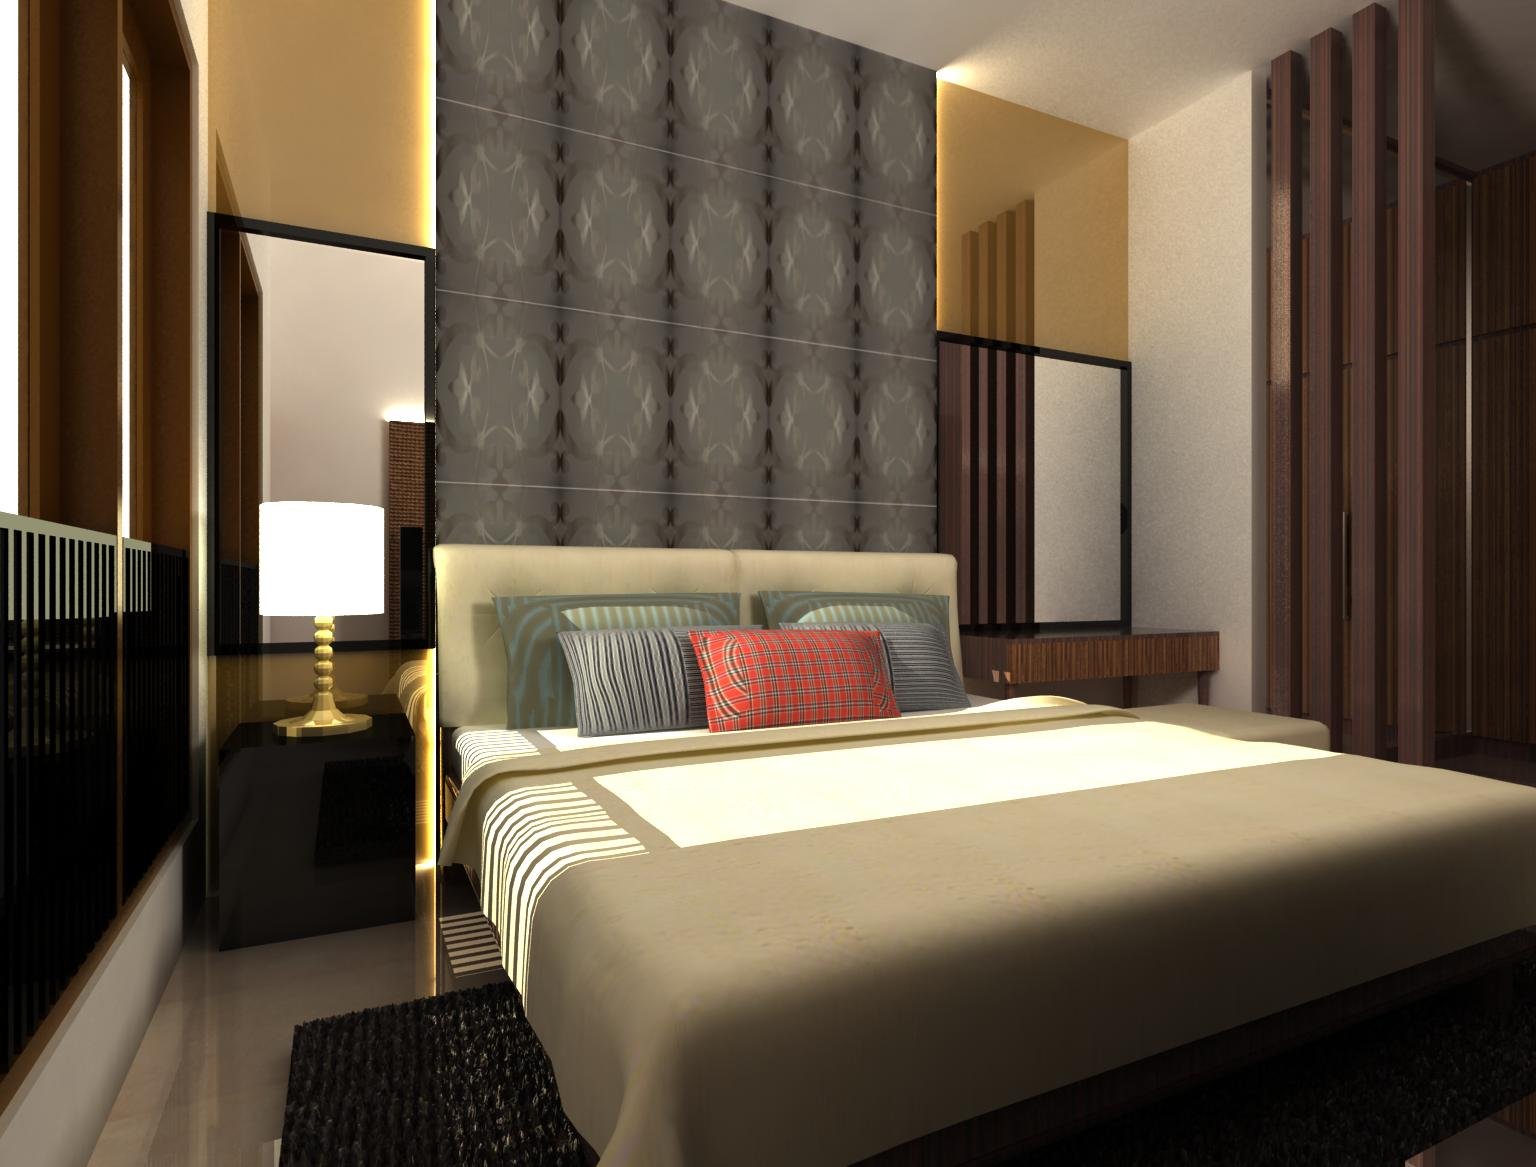 Desain Kamar Tidur Minimalis Ukuran 4x4  Karya Minimalis